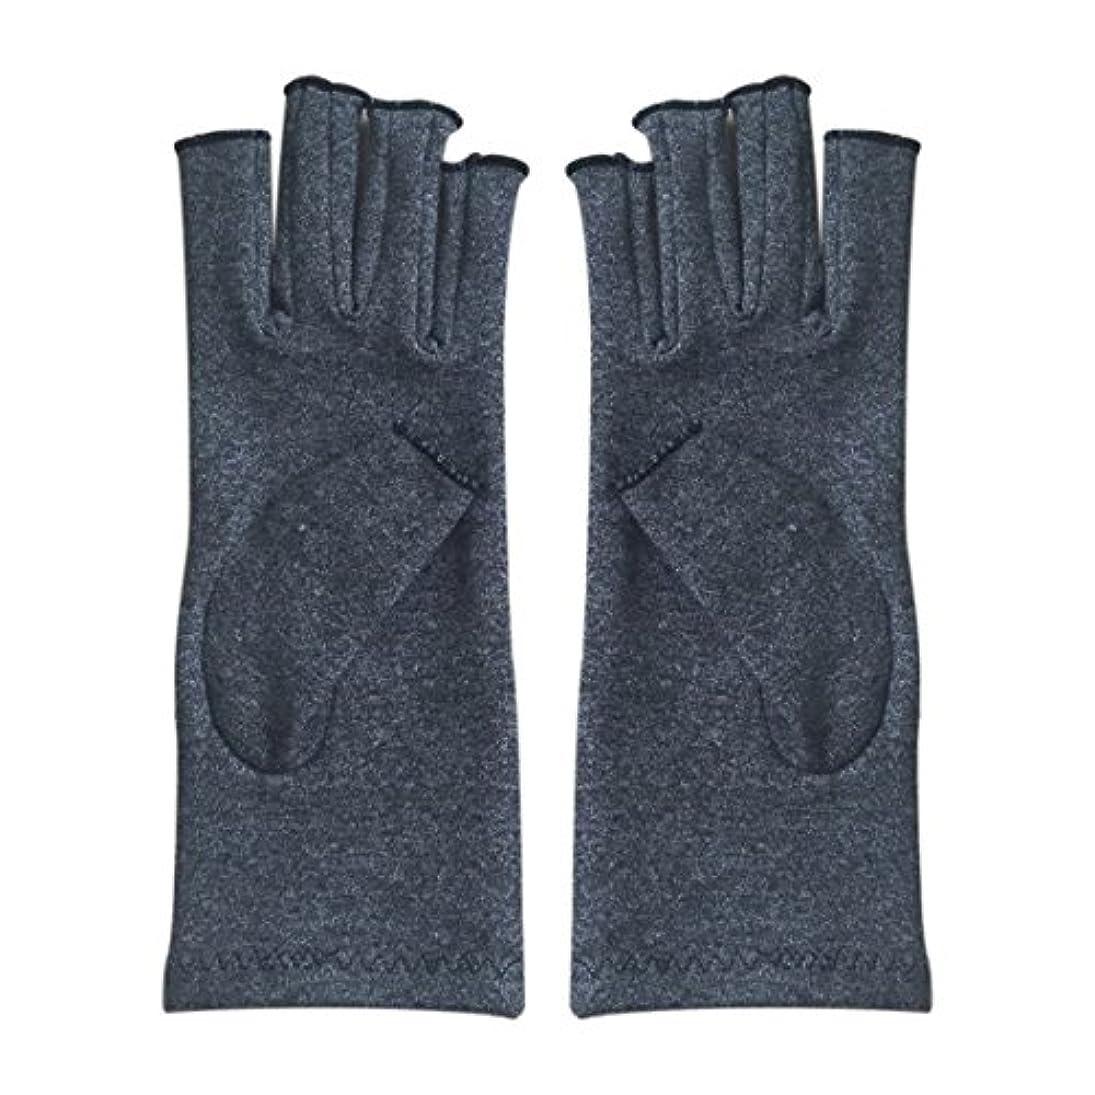 成り立つ湿気の多いとんでもないCUHAWUDBA 1ペア成人男性女性用弾性コットンコンプレッション手袋手関節炎関節痛鎮痛軽減S -灰色、S